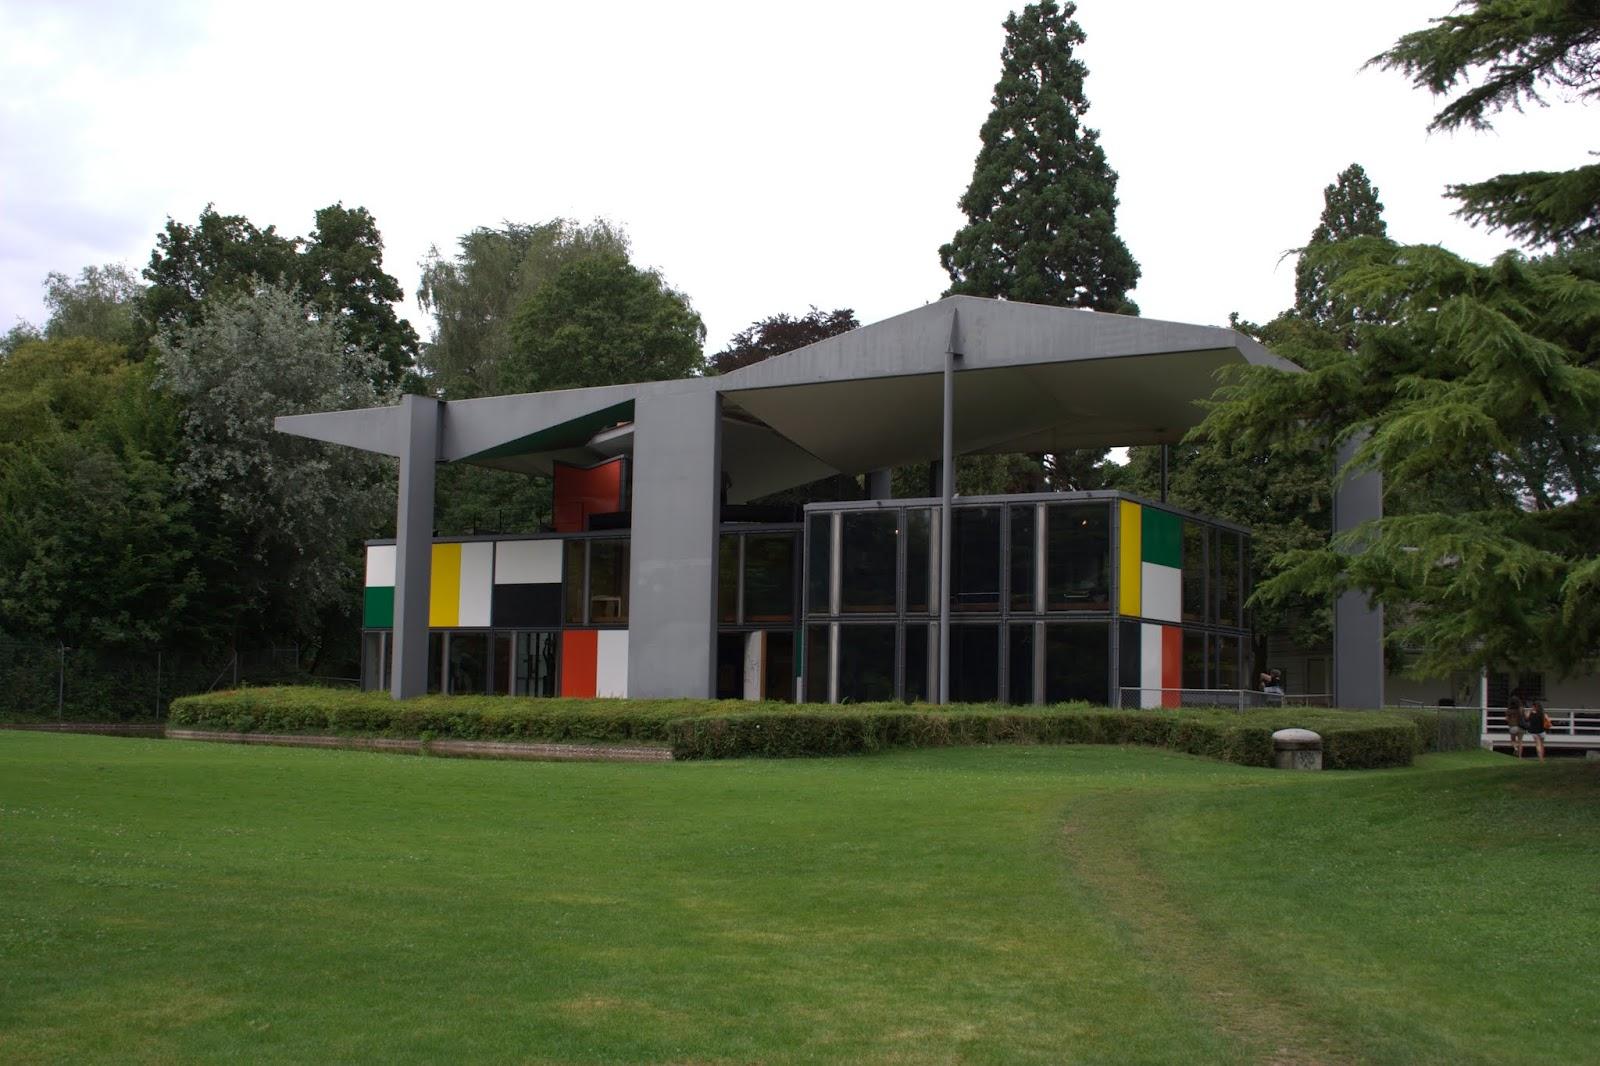 Heidi Weber Pavilion by Le Corbusier, Zurich